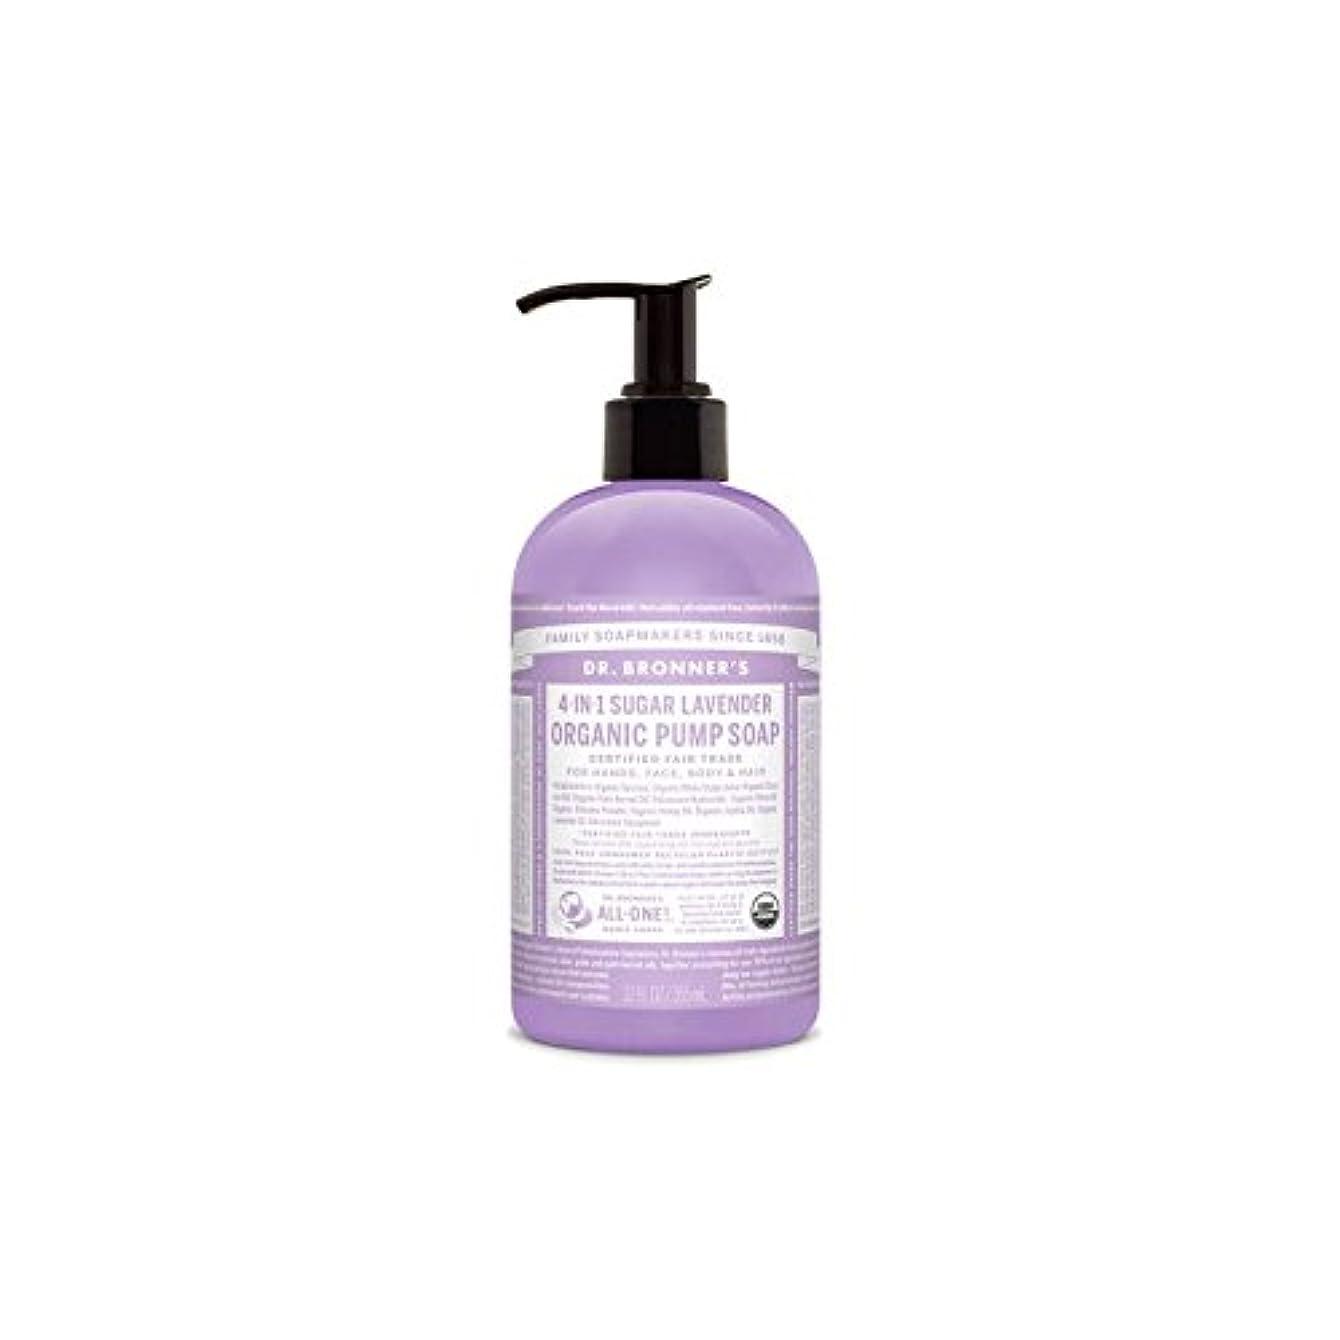 のホスト降伏ペルソナブロナー有機ラベンダーハンドソープ(355ミリリットル) x2 - Dr. Bronner Organic Shikakai Lavender Hand Soap (355ml) (Pack of 2) [並行輸入品]